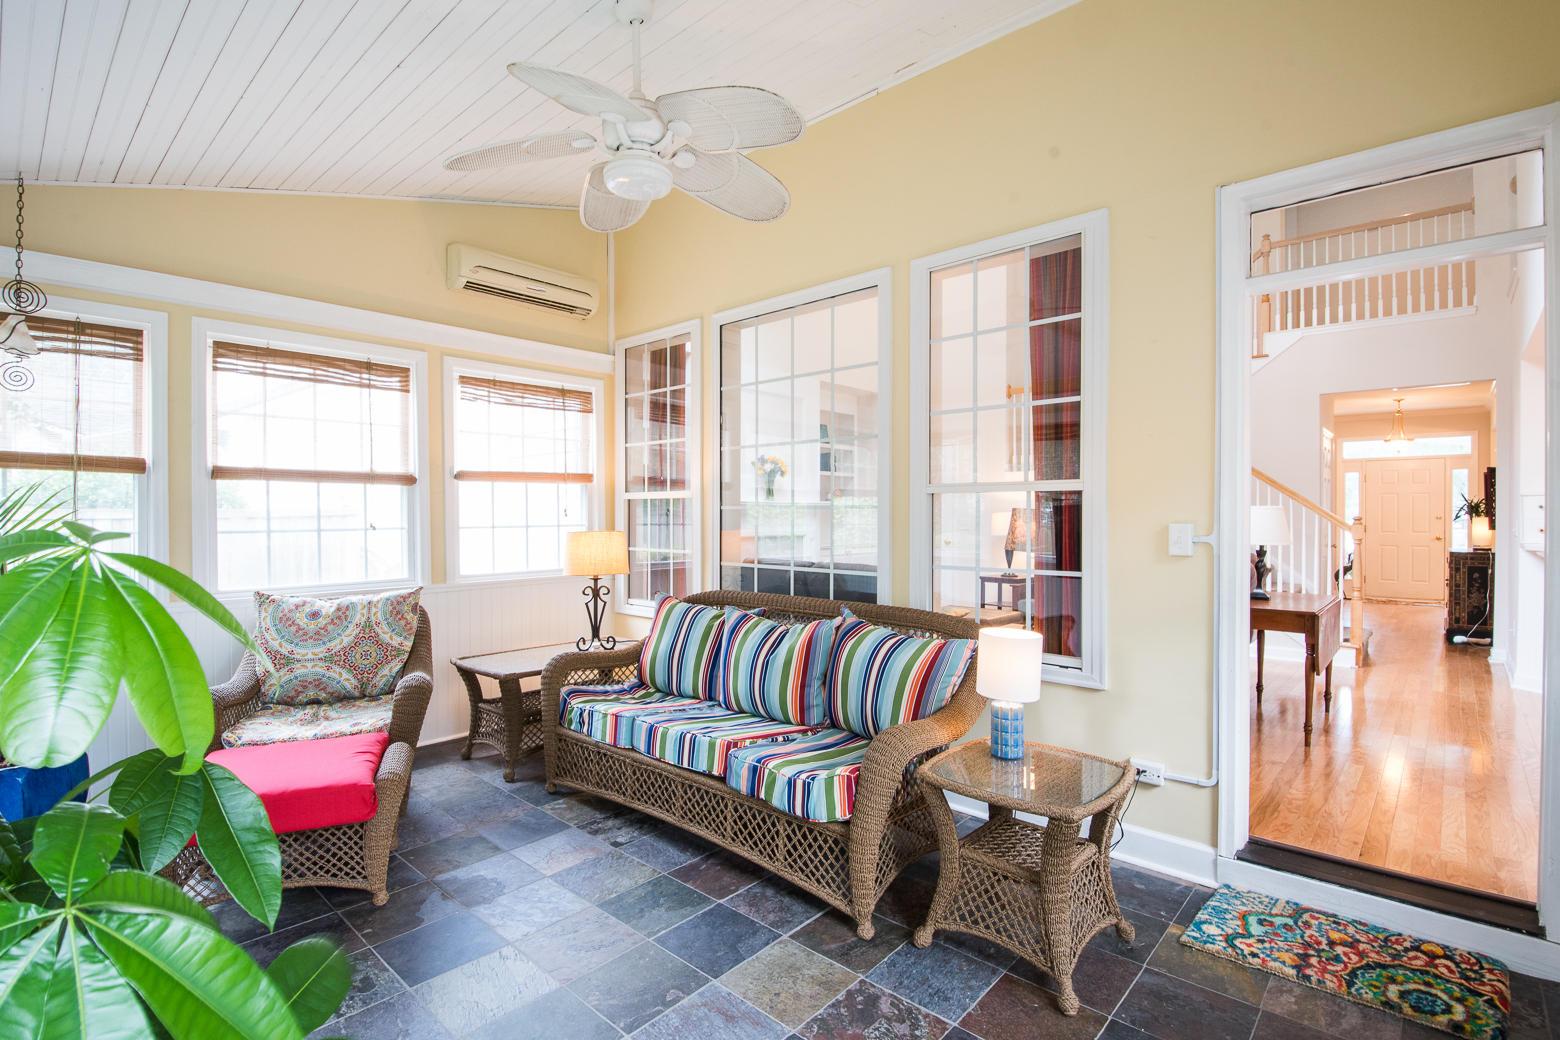 Dunes West Homes For Sale - 1111 Black Rush, Mount Pleasant, SC - 2